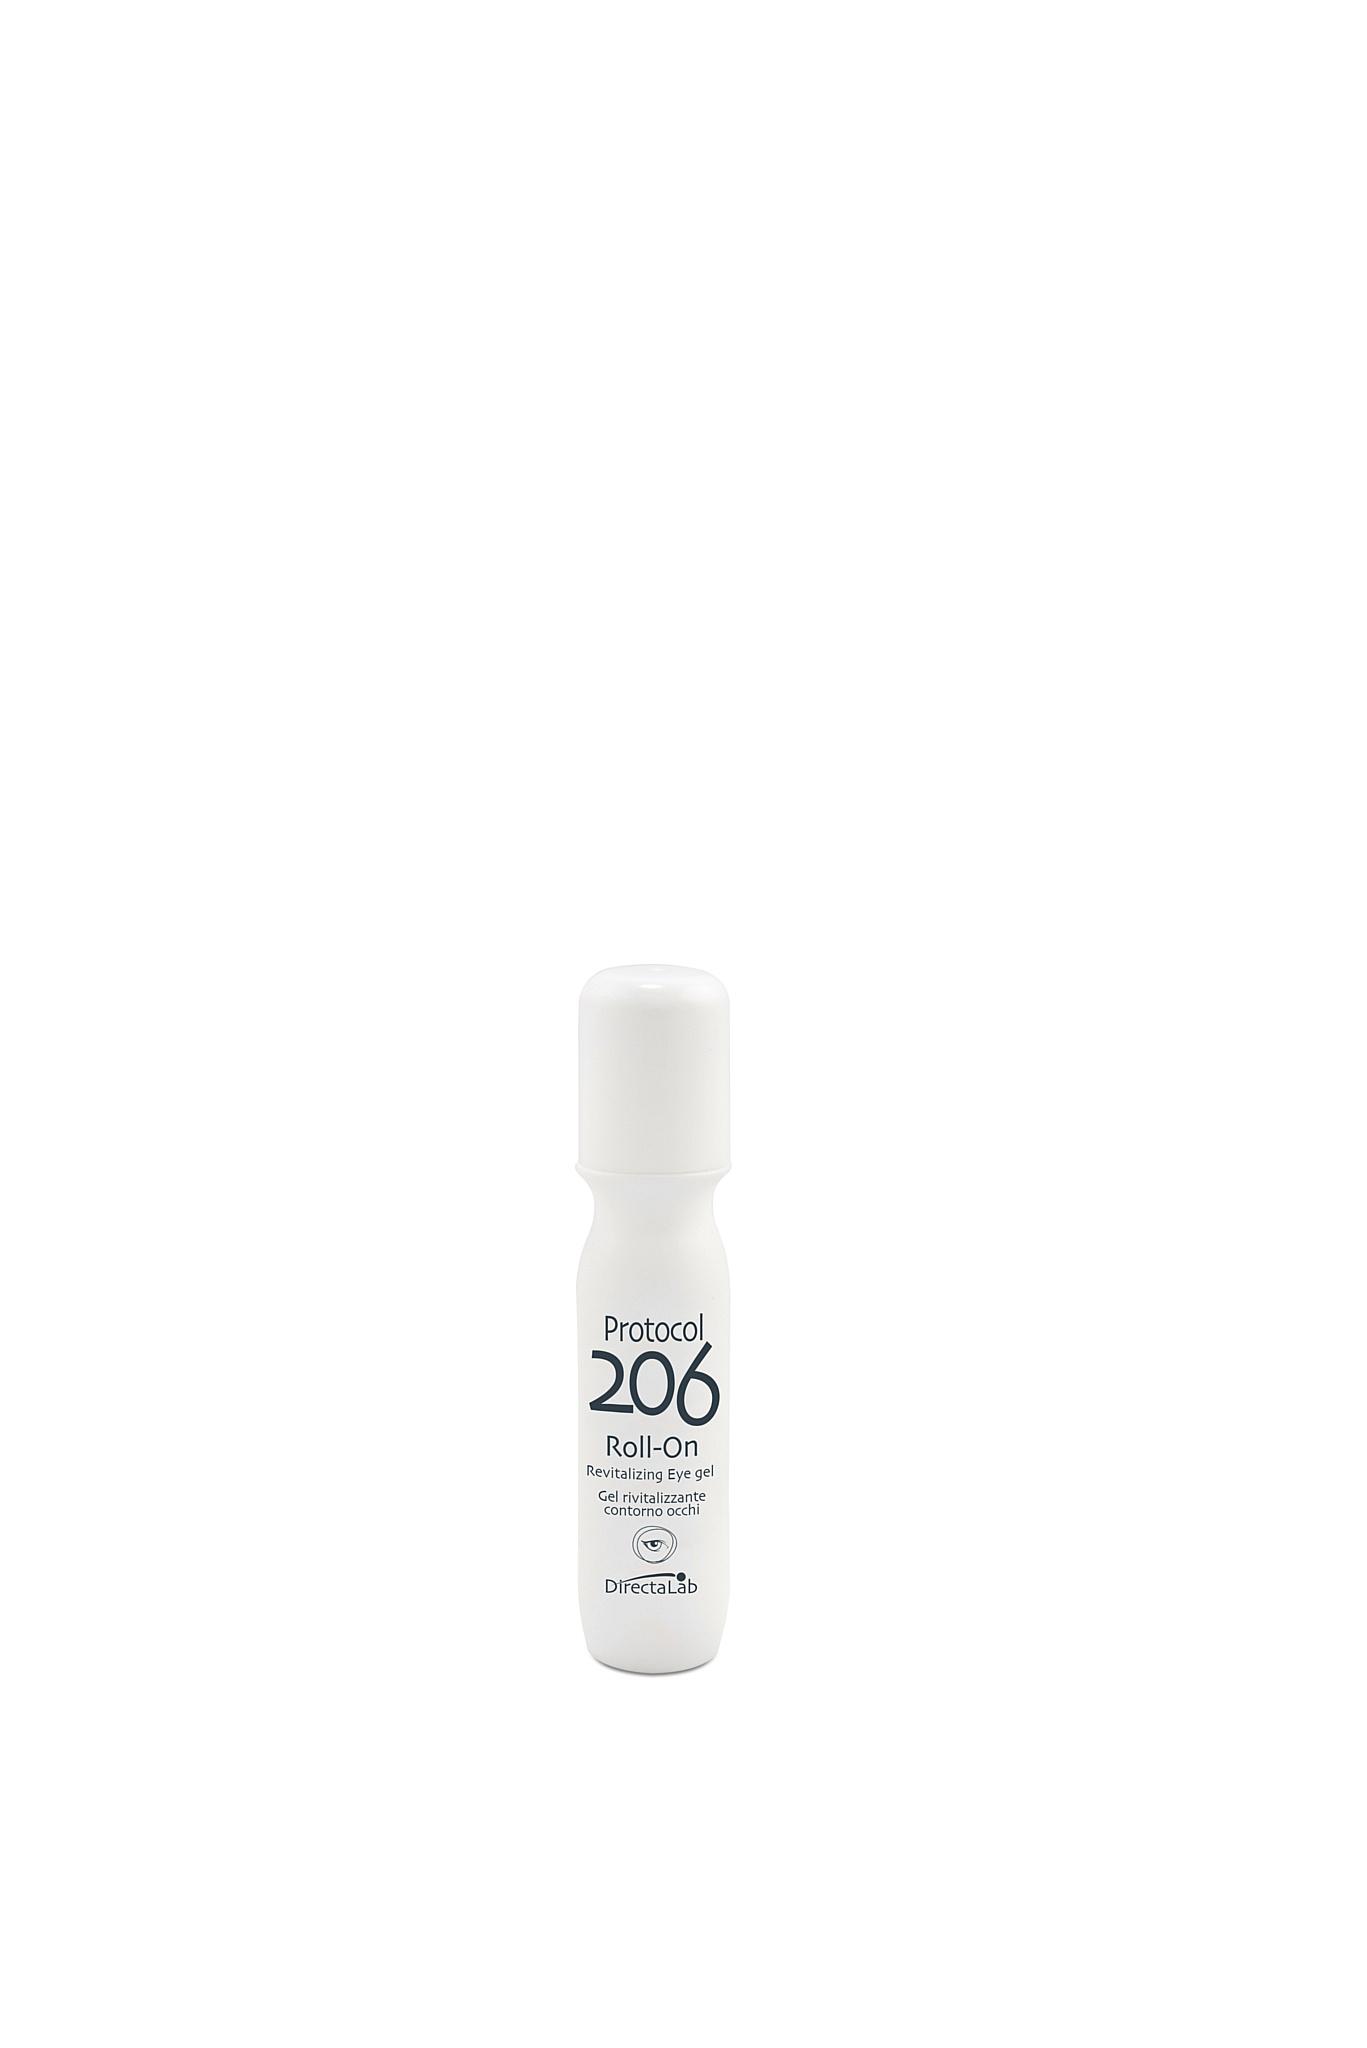 Сияющий взгляд и молодость кожи с противоотечным Revitalizing Eye roll-on gel от DirectaLab